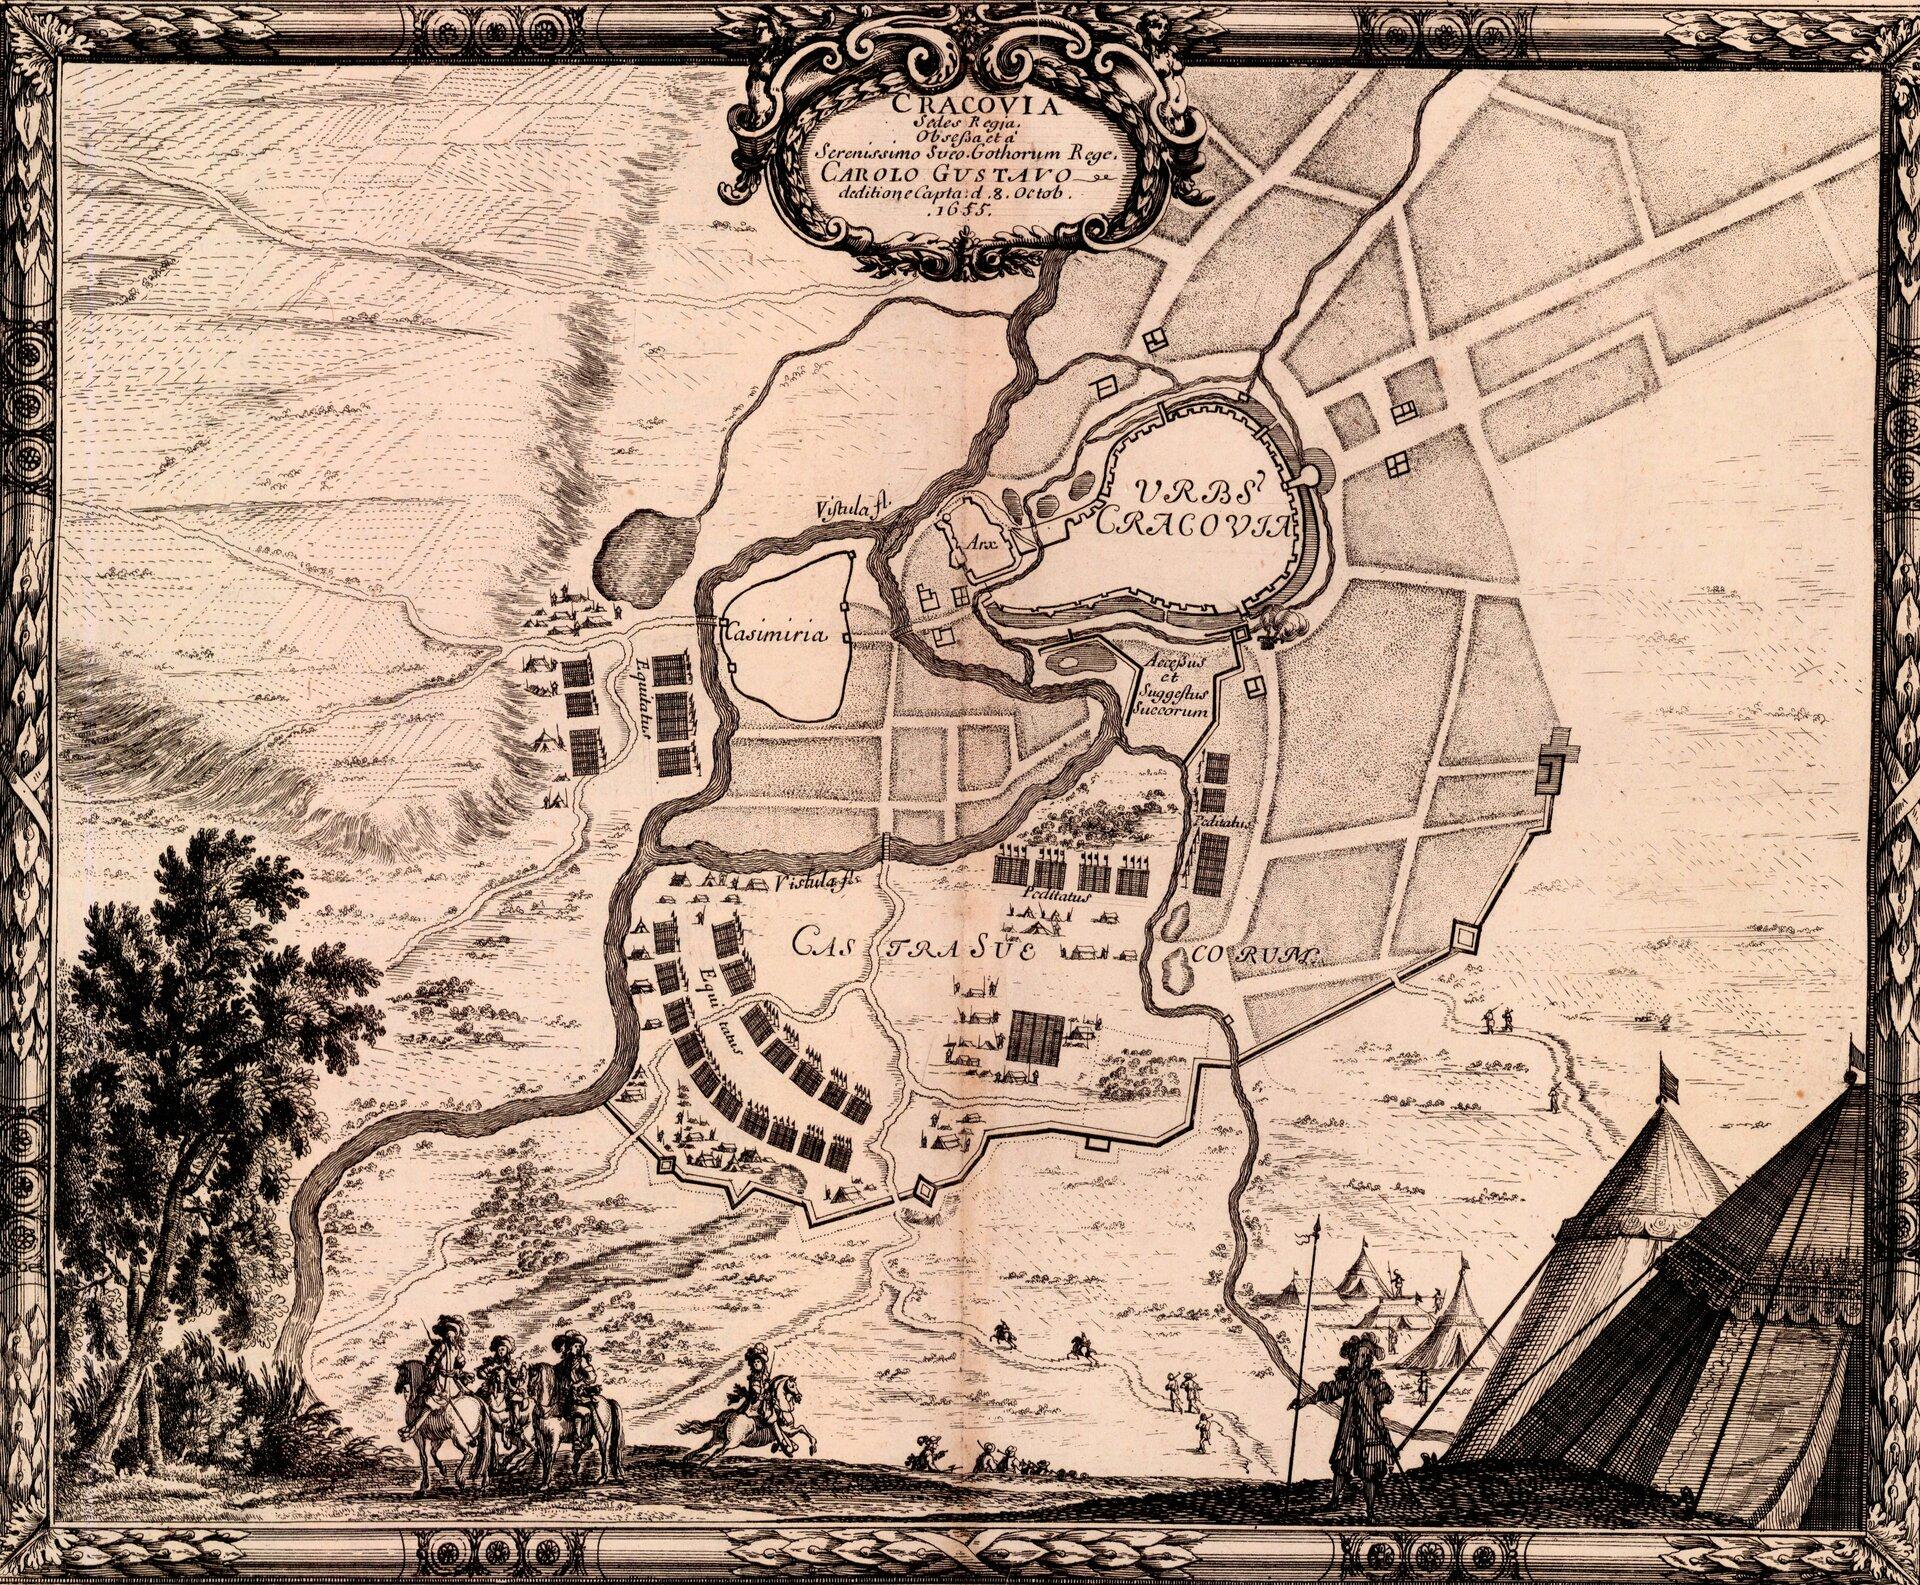 Samuel von Pufendorf, Oczynach Karola Gustawa, króla Szwecji, komentarzy ksiąg siedem, Norymberga 1696 Oblężenie Krakowa przez Szwedów trwało od 25 września do 13 października 1655 roku. 19 września do miasta przybył pobity pod Żarnowem Jan Kazimierz. Szlachta była mocno zdemoralizowana, awojsko zażądało wypłaty zaległego żołdu, wypowiadając posłuszeństwo. Na wsparcie ze strony tych oddziałów Kraków nie miał co liczyć. Nocą 24 września, na wieść ozbliżającej się armii szwedzkiej, miasto opuścił król iudał się na wschód wkierunku Wojnicza. WKrakowie pozostali żołnierze wojsk regularnych pod dowództwem kasztelana kijowskiego Stefana Czarnieckiego, których wspomagały oddziały mieszczan krakowskich istudentów. Czarniecki rozkazał spalić przedmieścia (Biskupie, Garbary iKleparz), aby odebrać osłonę szwedzkim natarciom. 25 września Szwedzi zaatakowali Kazimierz. Wdarli się nawet do Bramy Grodzkiej, jednak kontratak uniemożliwił zajęcie miasta zmarszu. Karol XGustaw został zmuszony do regularnego oblężenia irozpoczął ostrzał artyleryjski. Zostawiając część oddziałów pod oblężonym Krakowem, wyprawił się przeciw wojskom koronnym ipokonał je 3 października pod Wojniczem. Czarniecki, zdając sobie sprawę ze słabych nastrojów wśród wojska imieszkańców świadomych braku szans na odsiecz, podjął 12 października rozmowy kapitulacyjne. Źródło: Erik Dahlbergh, Samuel von Pufendorf, Oczynach Karola Gustawa, króla Szwecji, komentarzy ksiąg siedem, Norymberga 1696, 1655, domena publiczna.